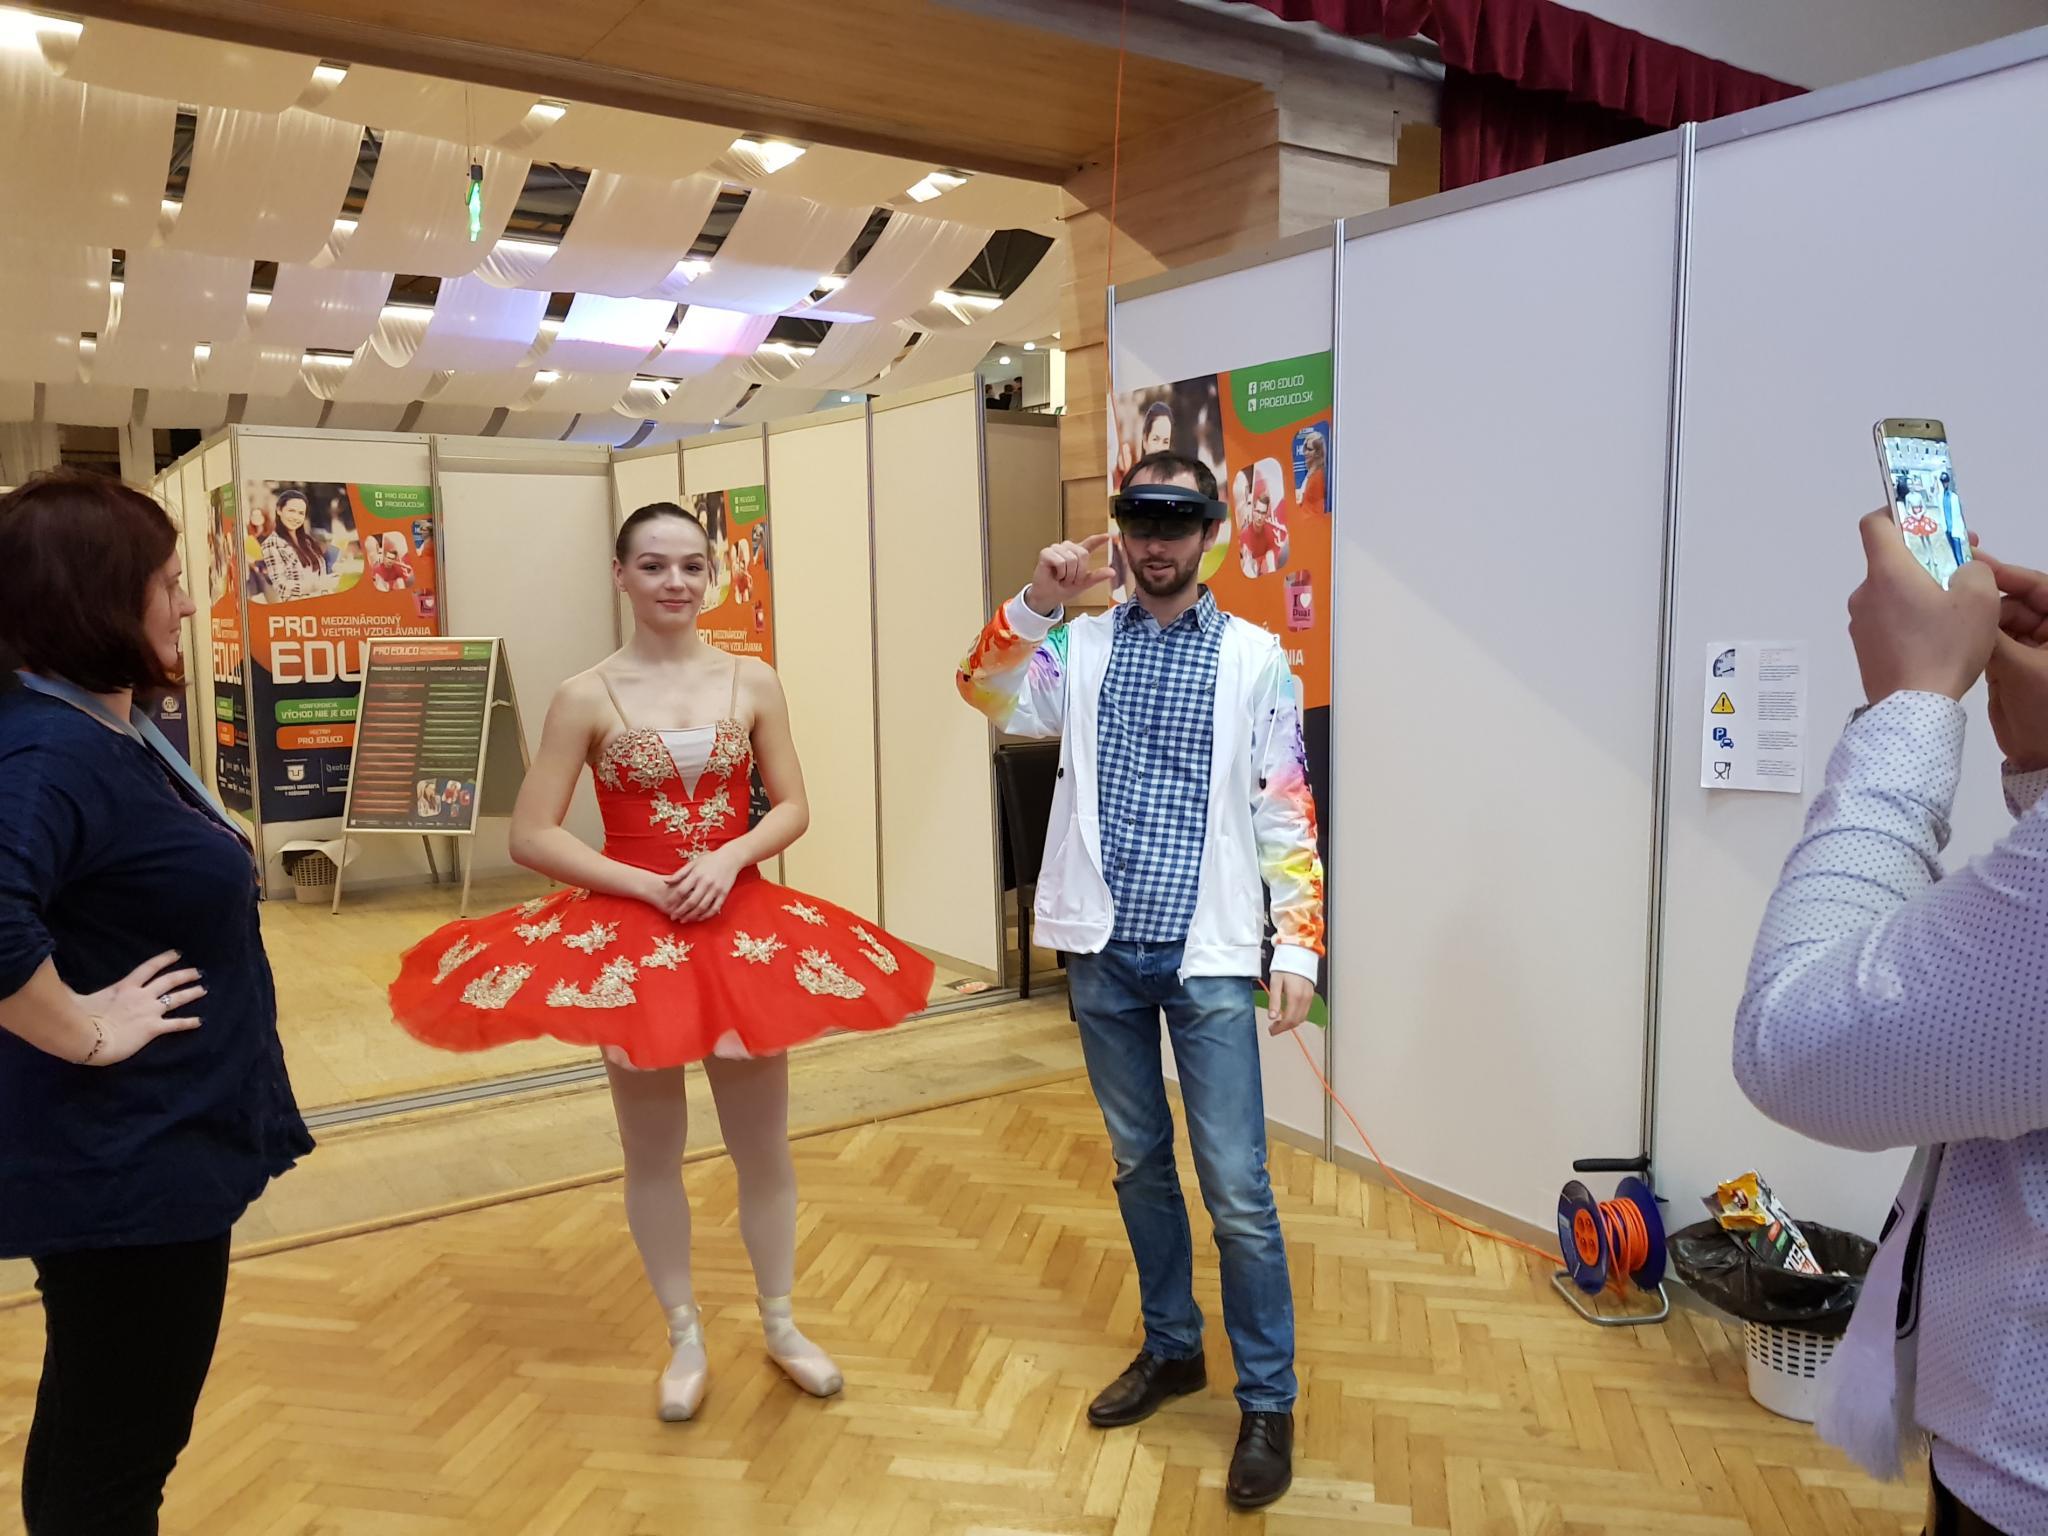 Tím KPI a baletka